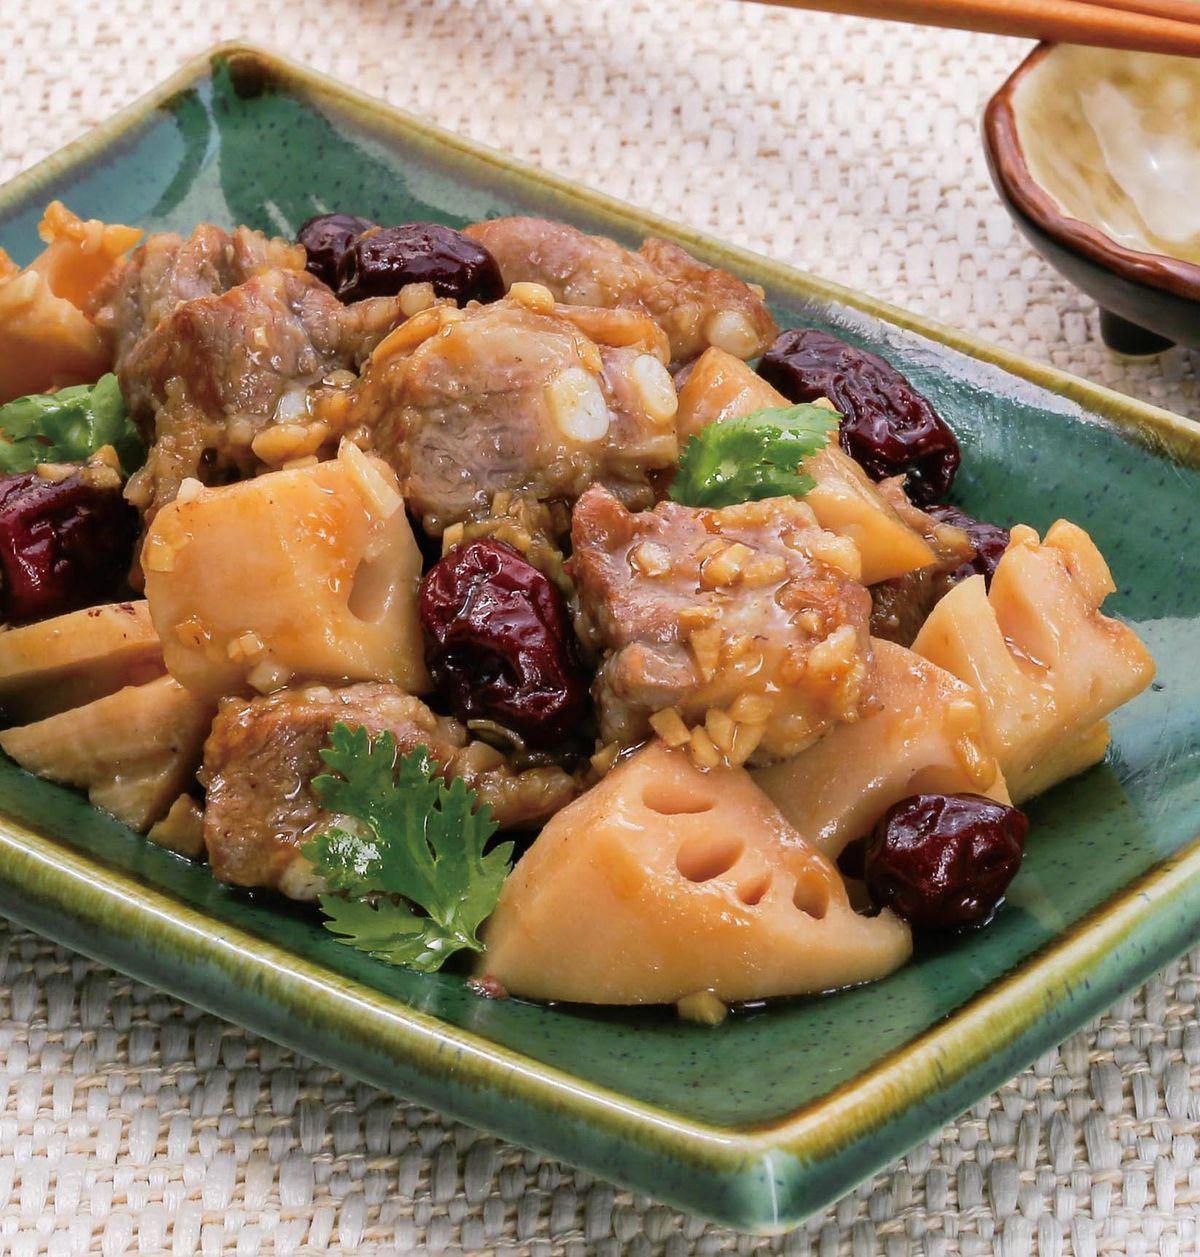 食譜:紅棗蓮藕蒸排骨